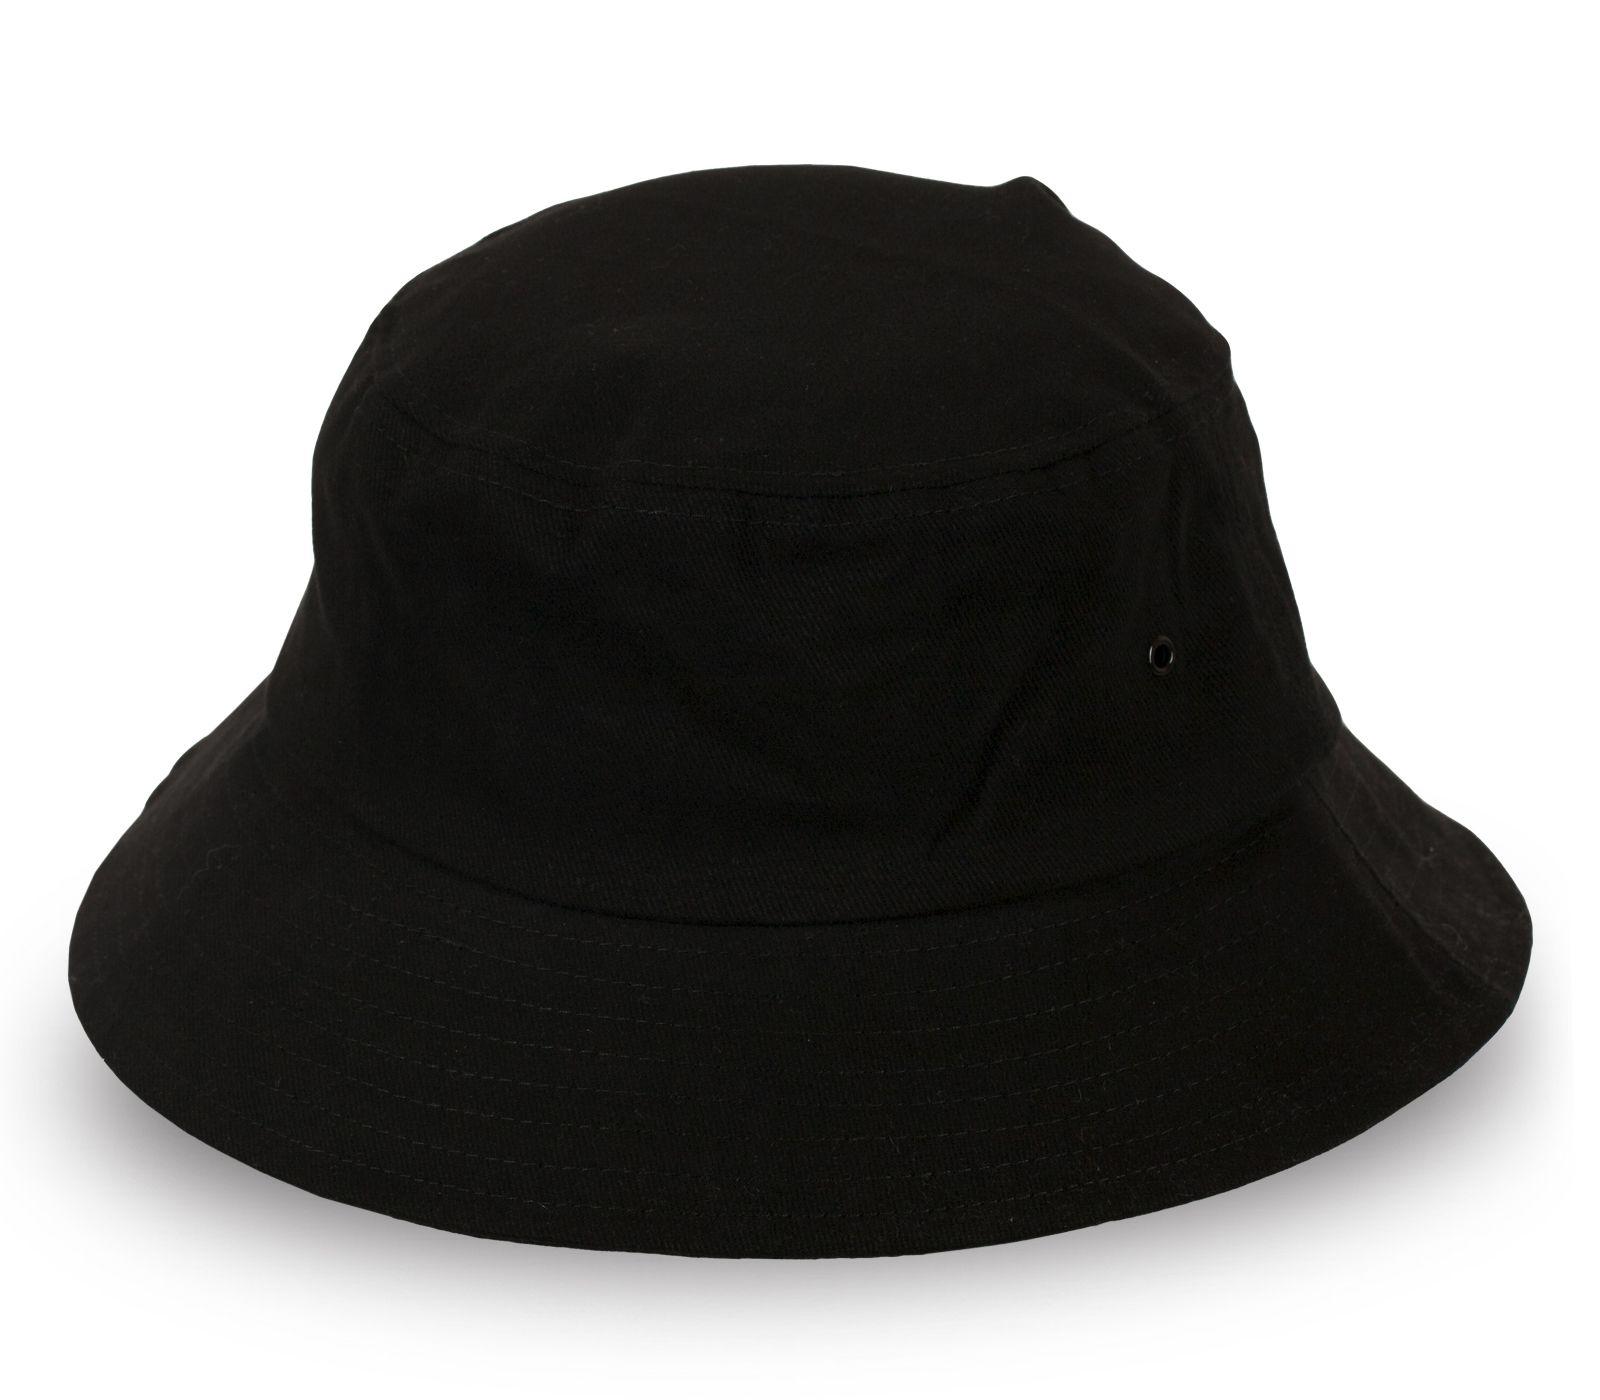 Чёрная панама для стильного образа